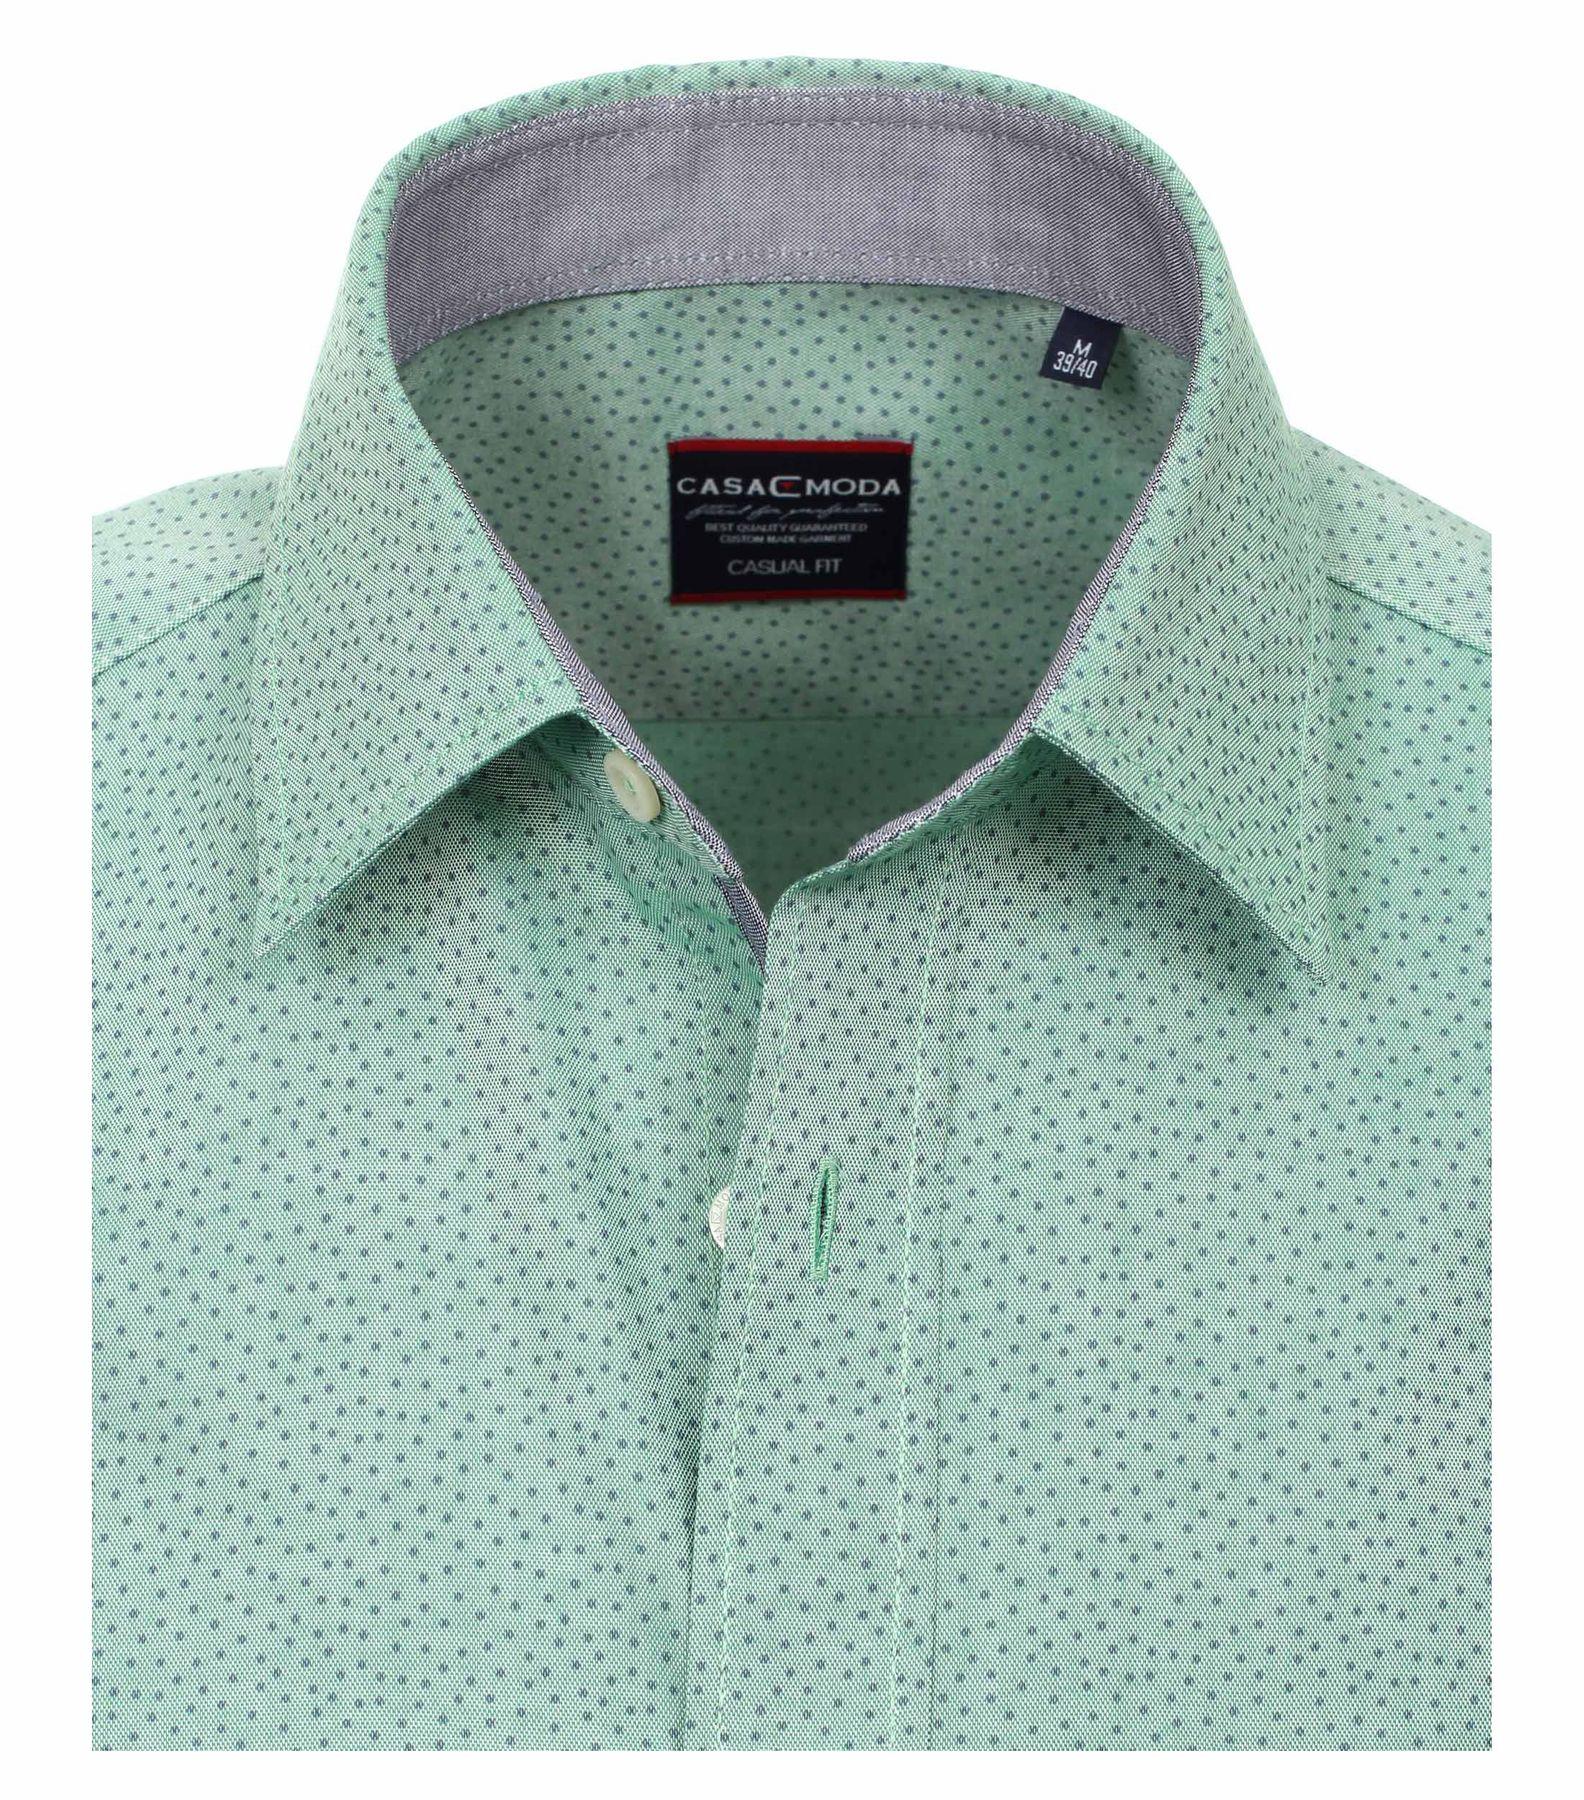 Casa Moda - Comfort Fit - Herren kurzarm Hemd in verschiedenen Varianten – Bild 25